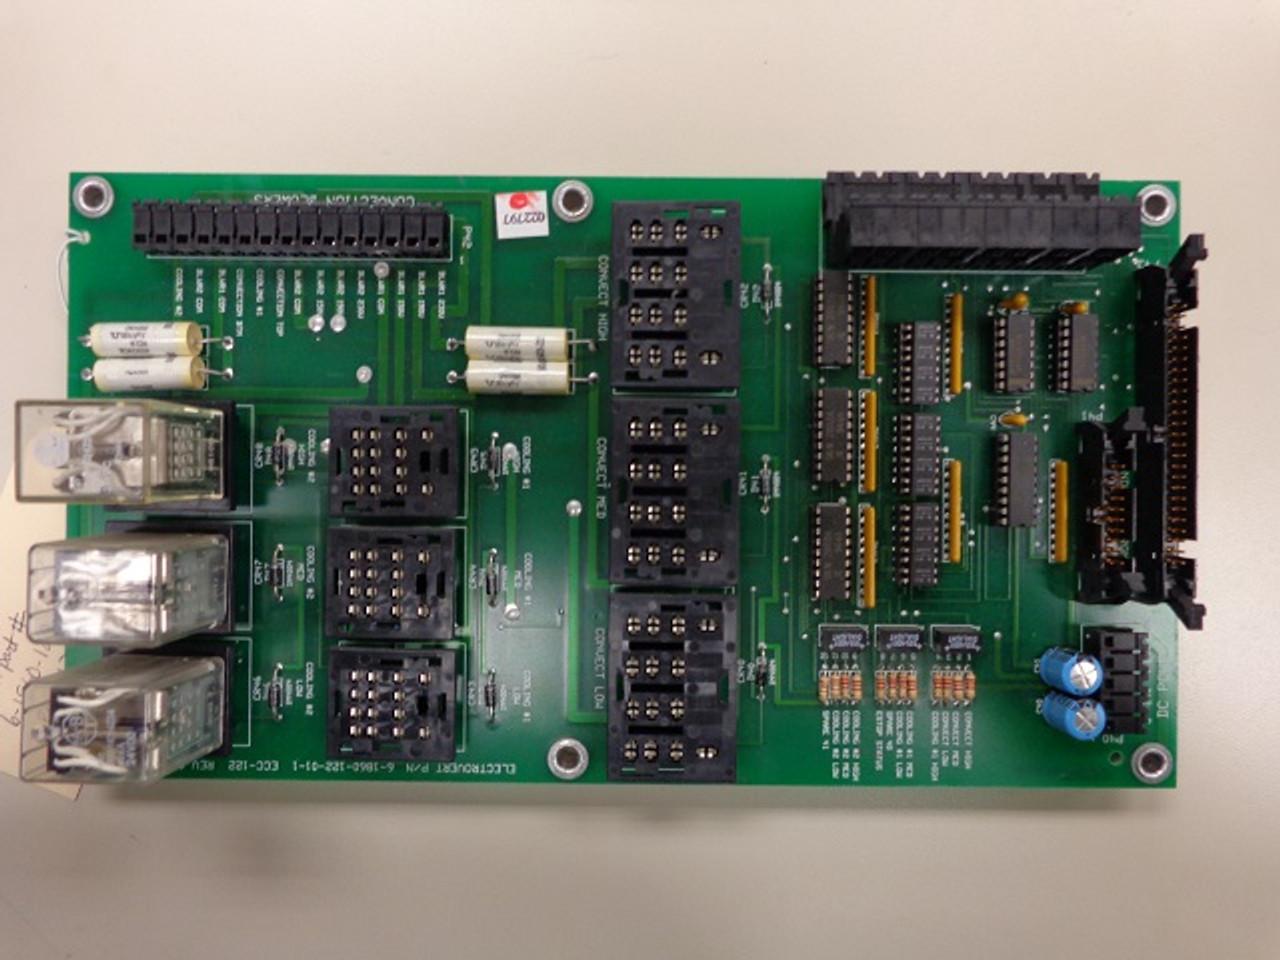 Electrovert Omniflo Control Board 6-1860-122-01-1